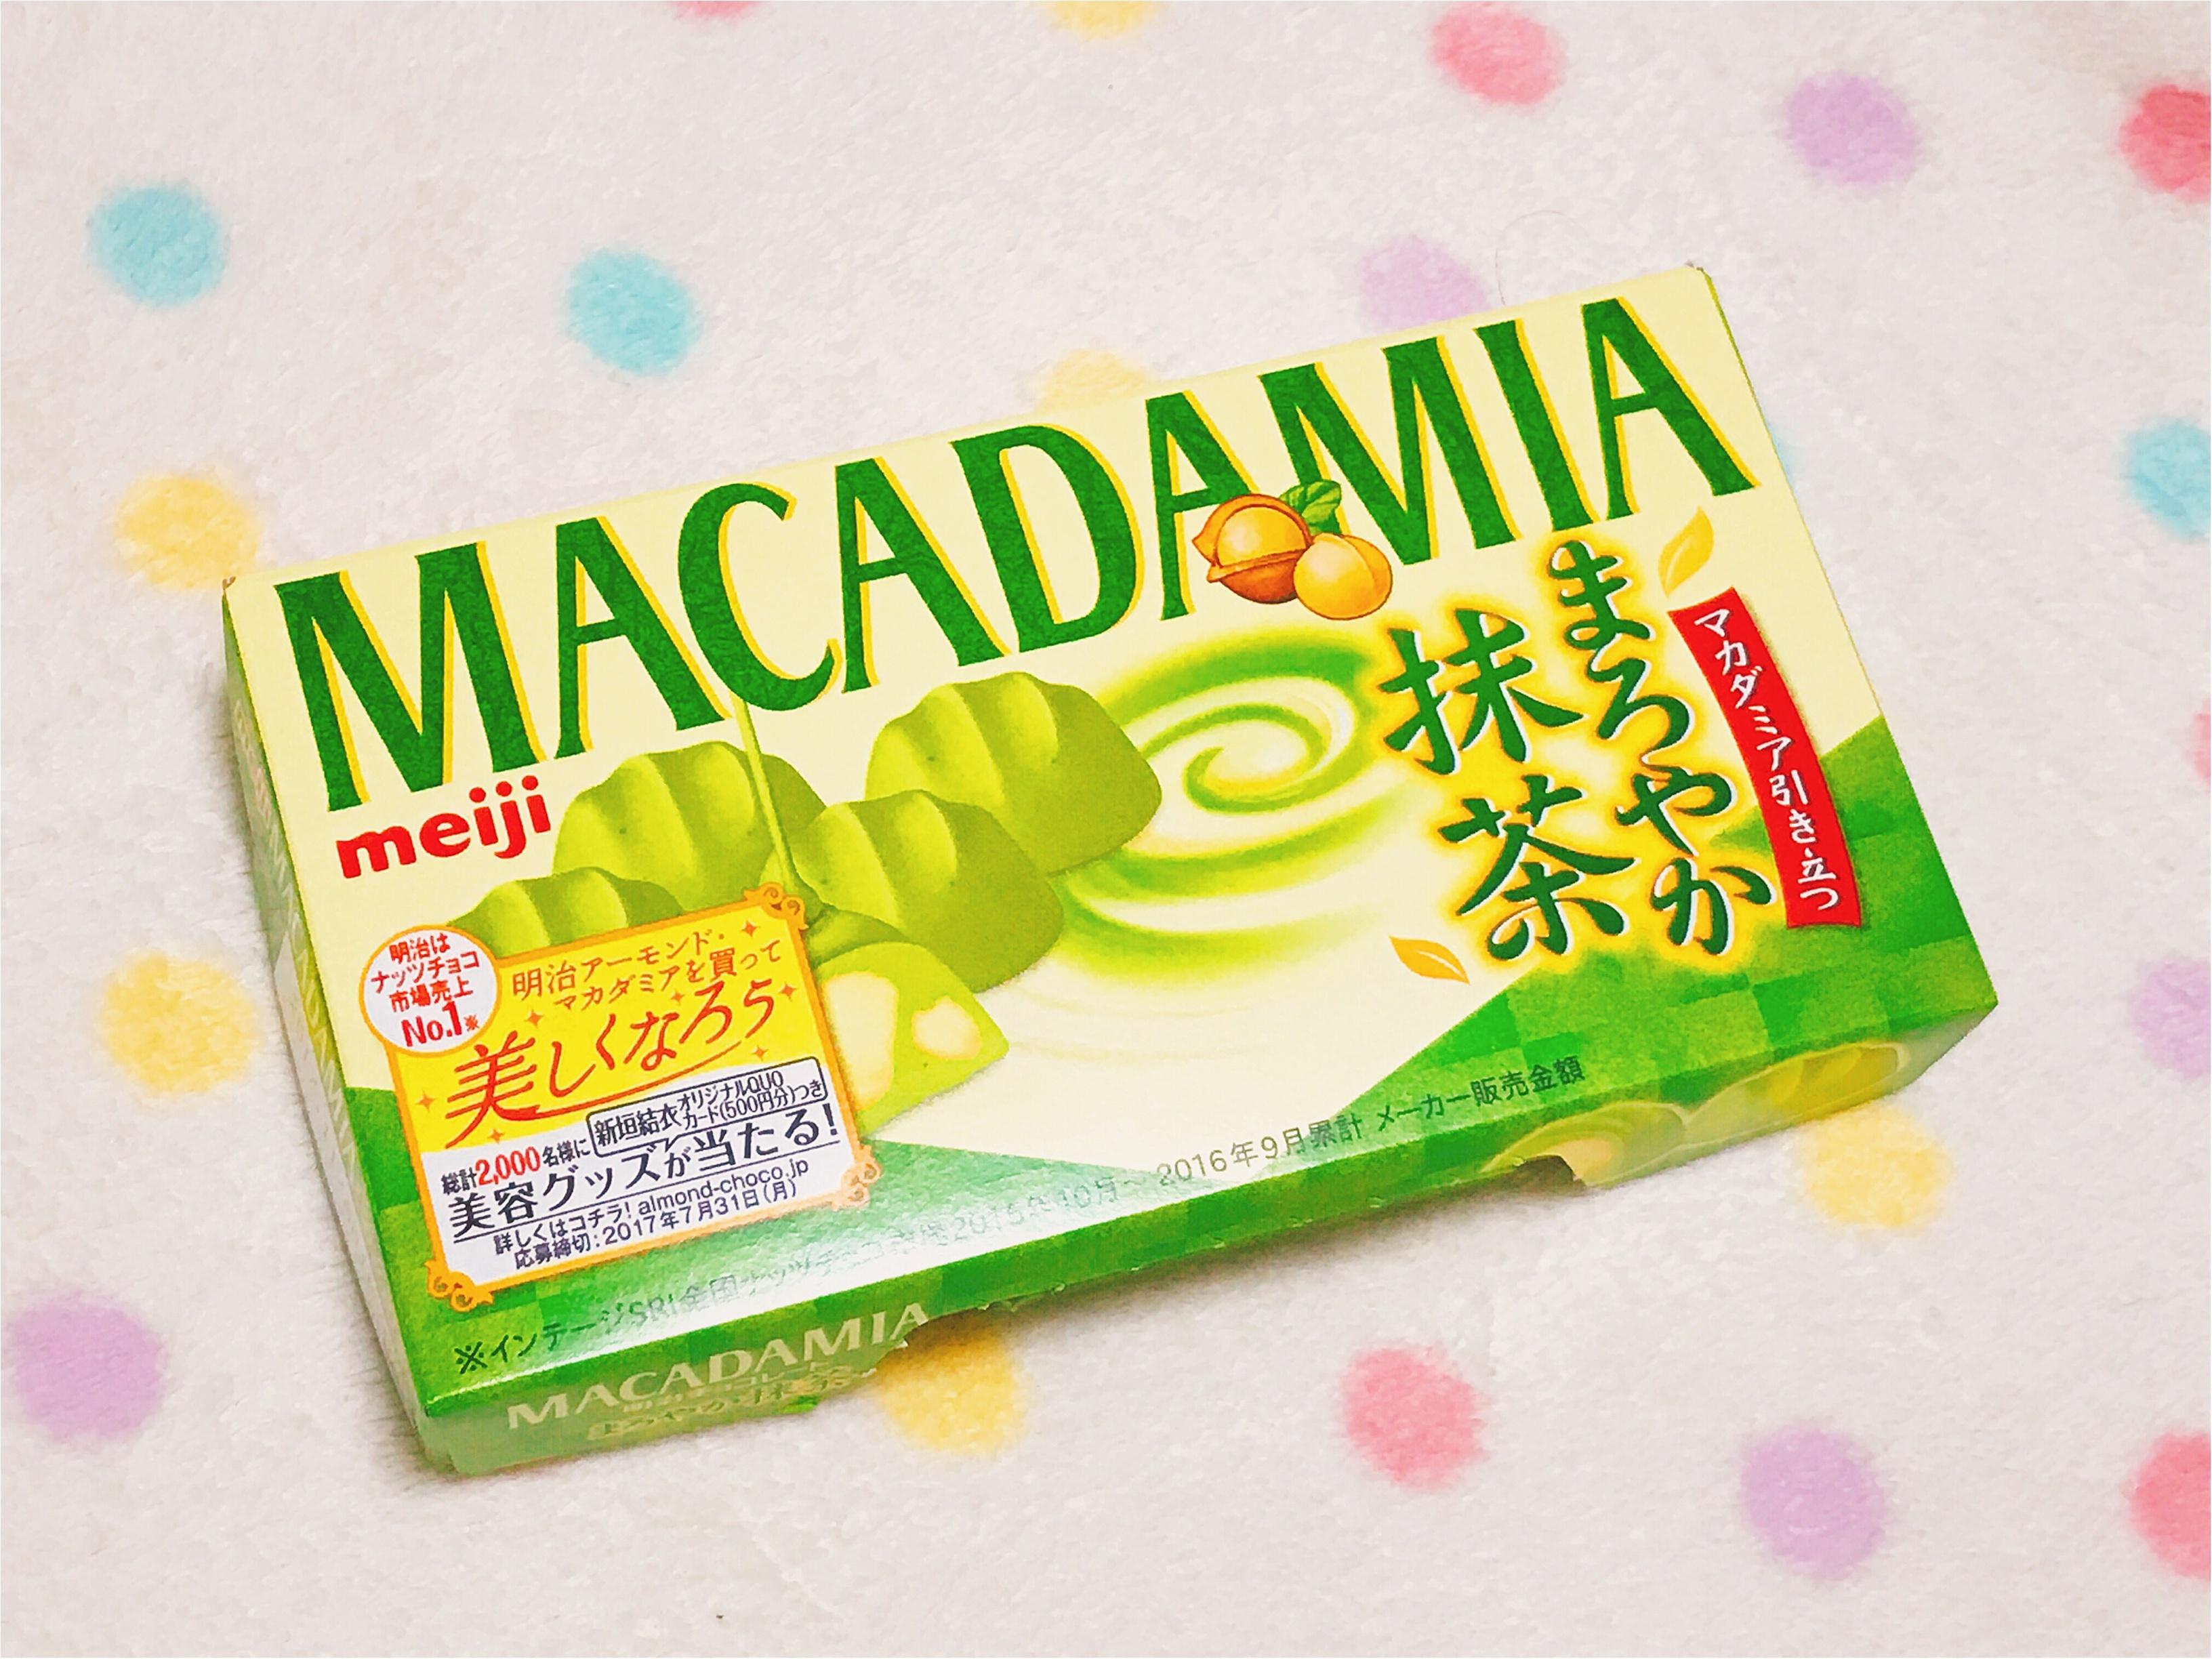 明治はナッツチョコ売上NO.1‼︎大人気のマカダミアチョコレート新作は『抹茶』( ´艸`)♡_1